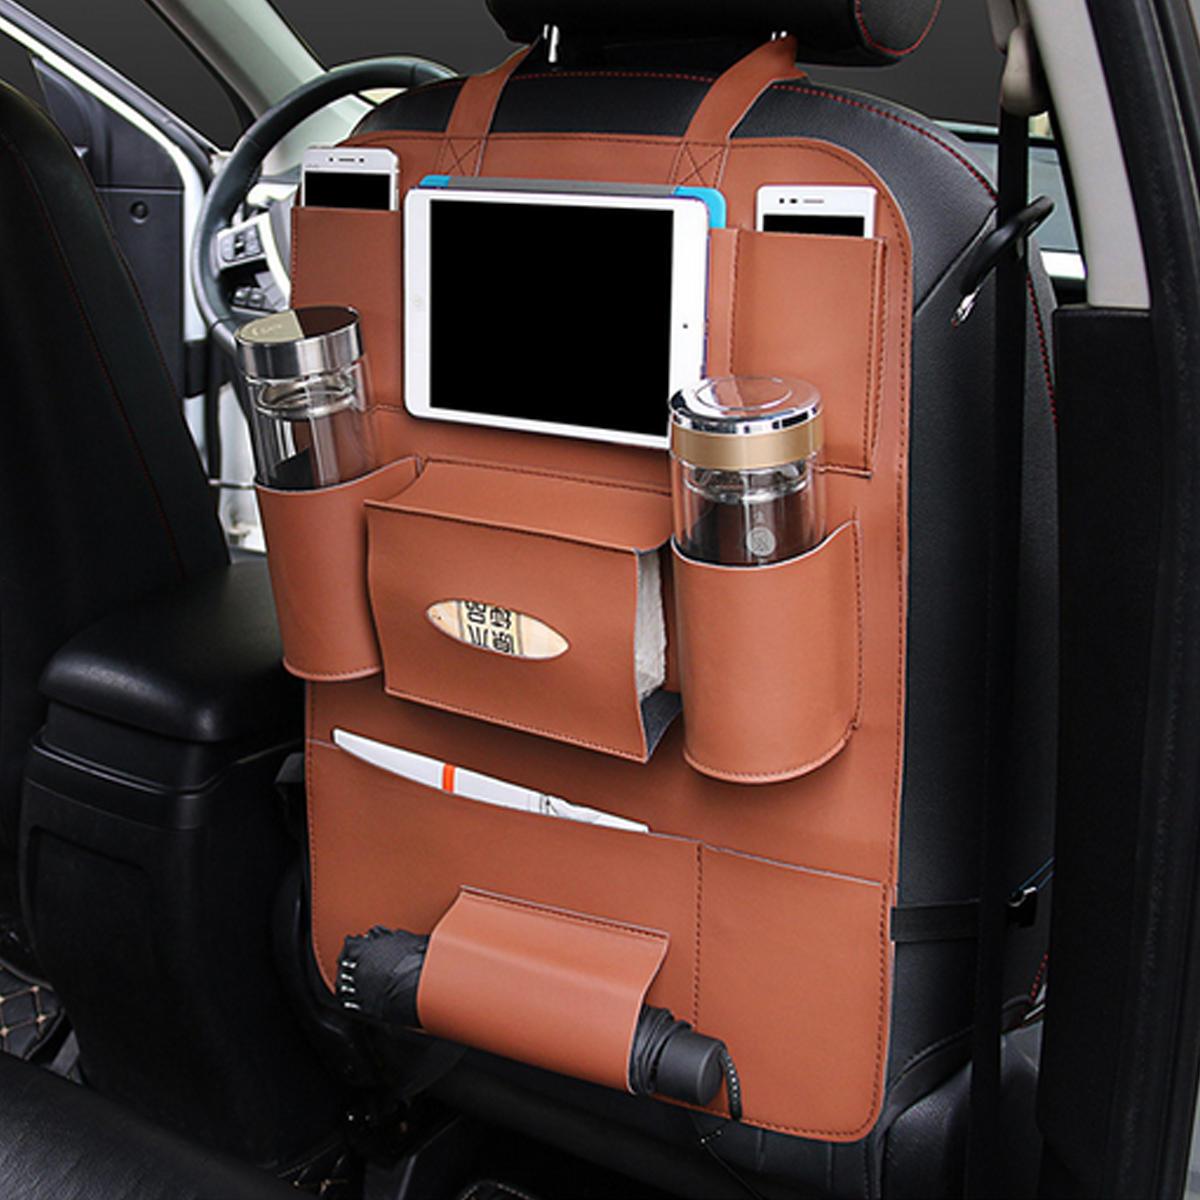 मल्टी-फ़ंक्शनल पु चमड़ा कार बैक सीट स्टोरेज बैग मल्टी पॉकेट फोन कप धारक ऑर्गनाइज़र